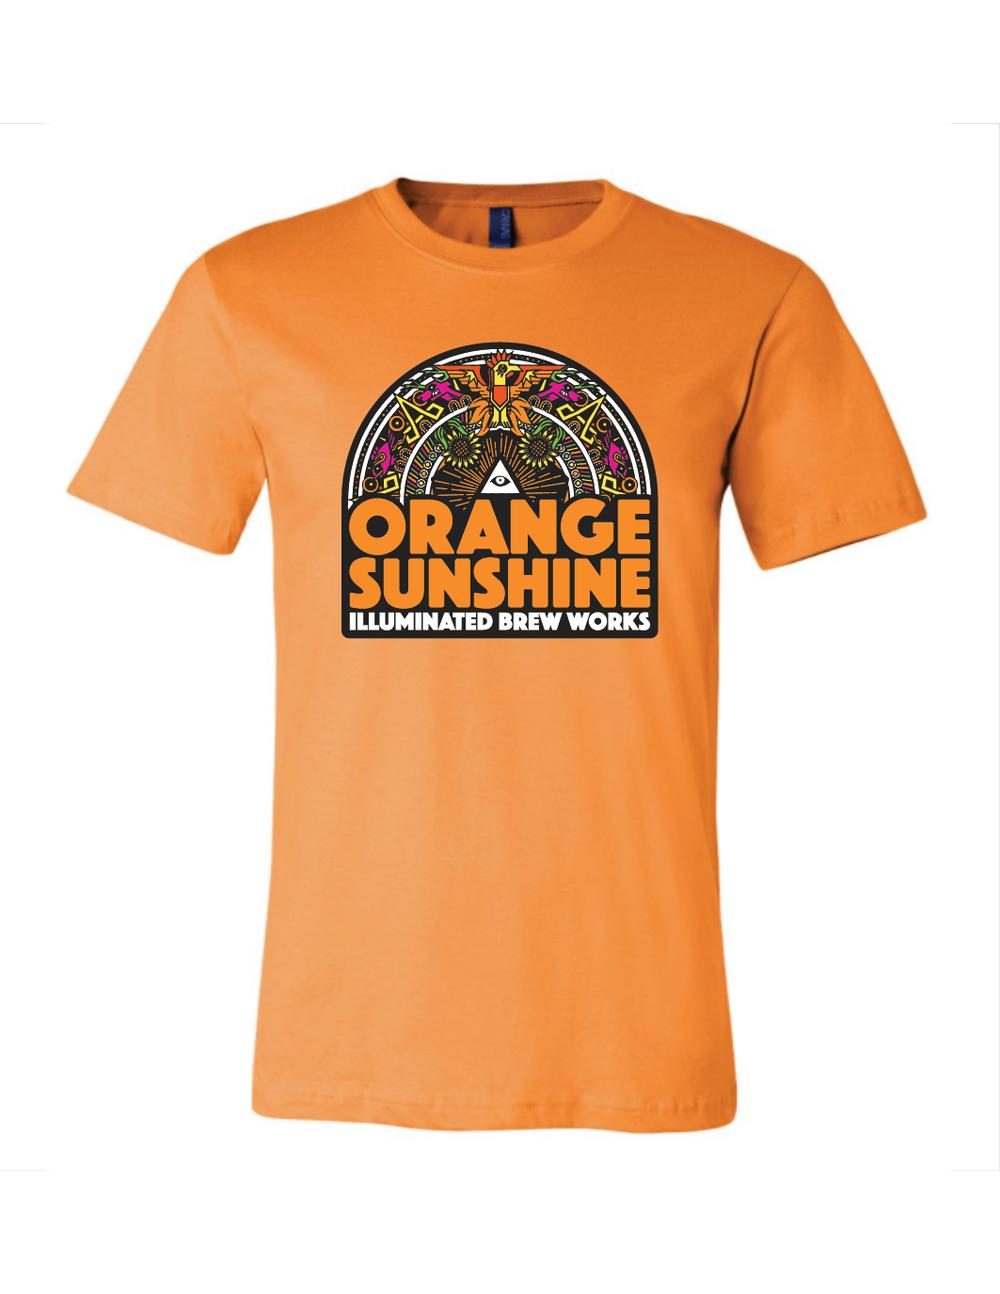 44fade609b1b Orange Orange Sunshine T-Shirt — Illuminated Brew Works